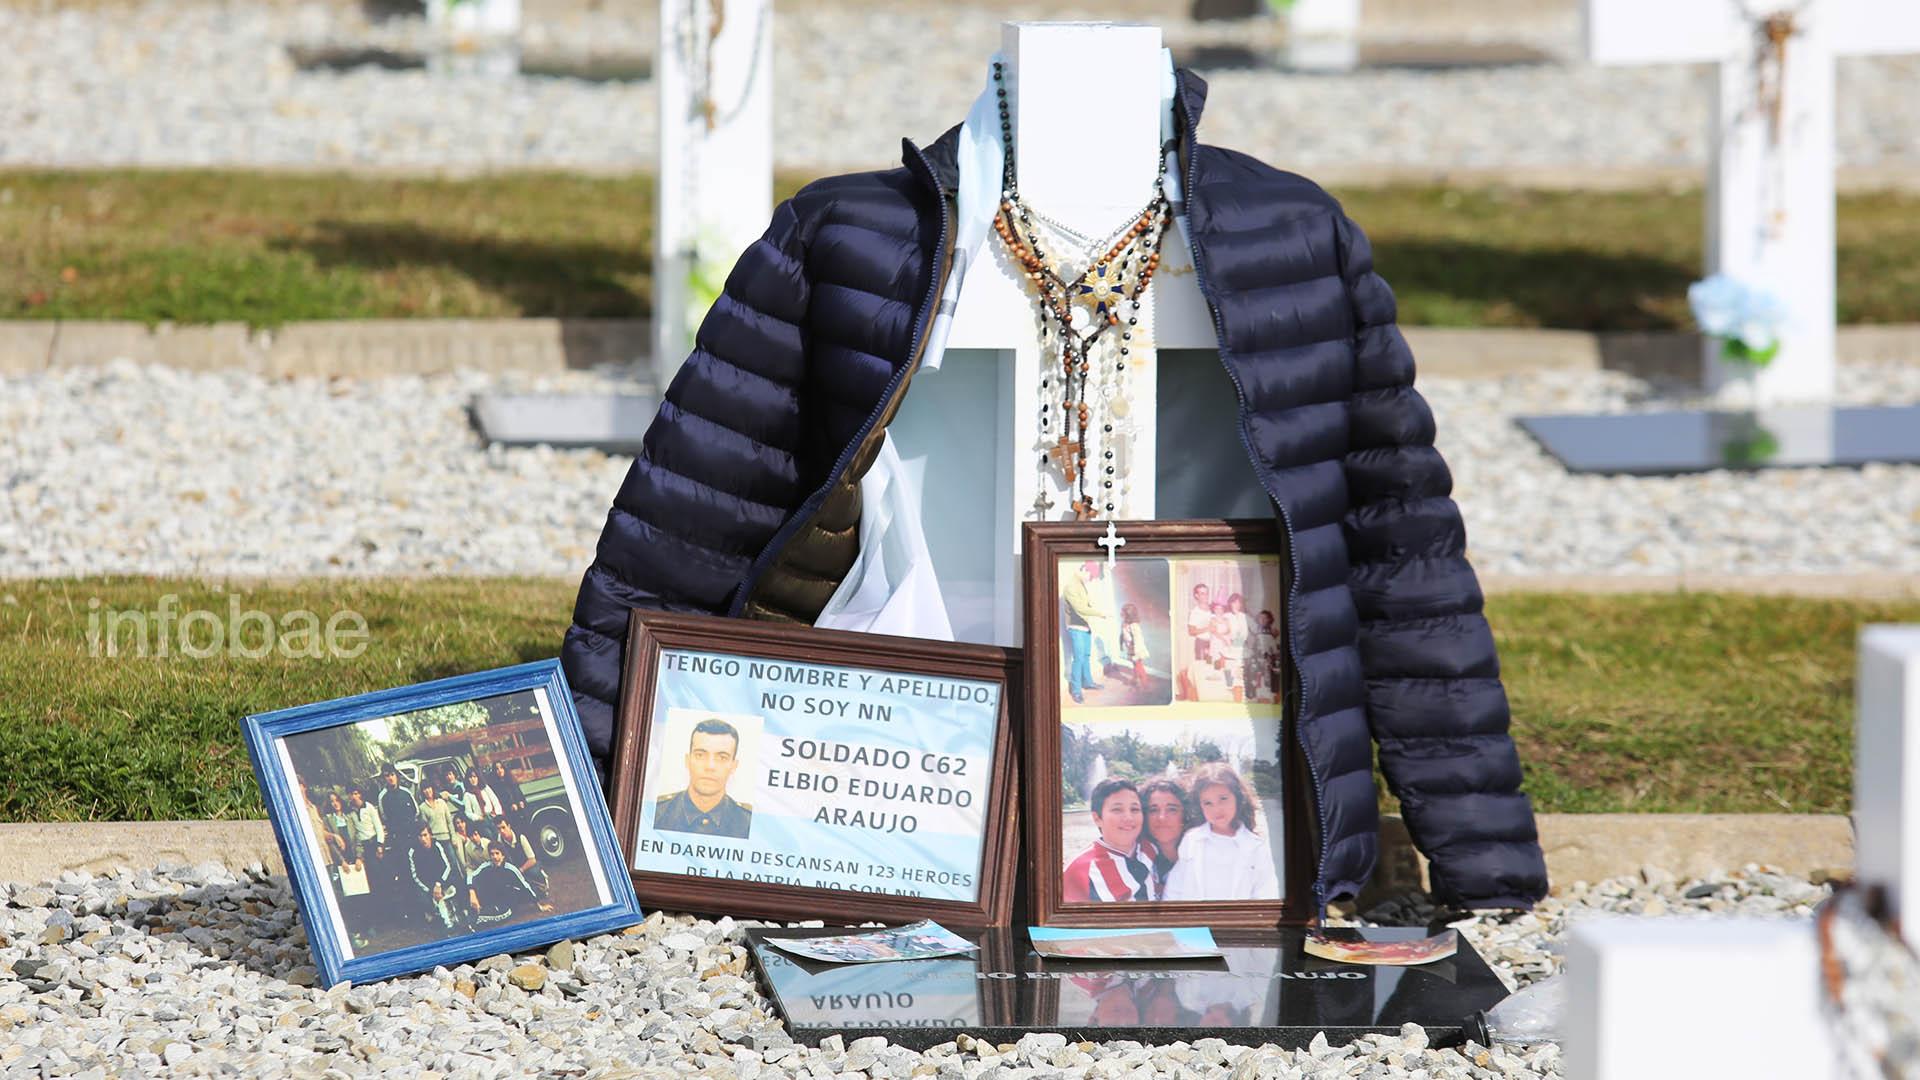 La tumba de Elbio Araujorodeada de fotos, portarretratos y cartas que su hermana María Fernanda -presidenta de la Comisión de Familiares de Caídos en Malvinas- llevó a las islas para homenajearlo